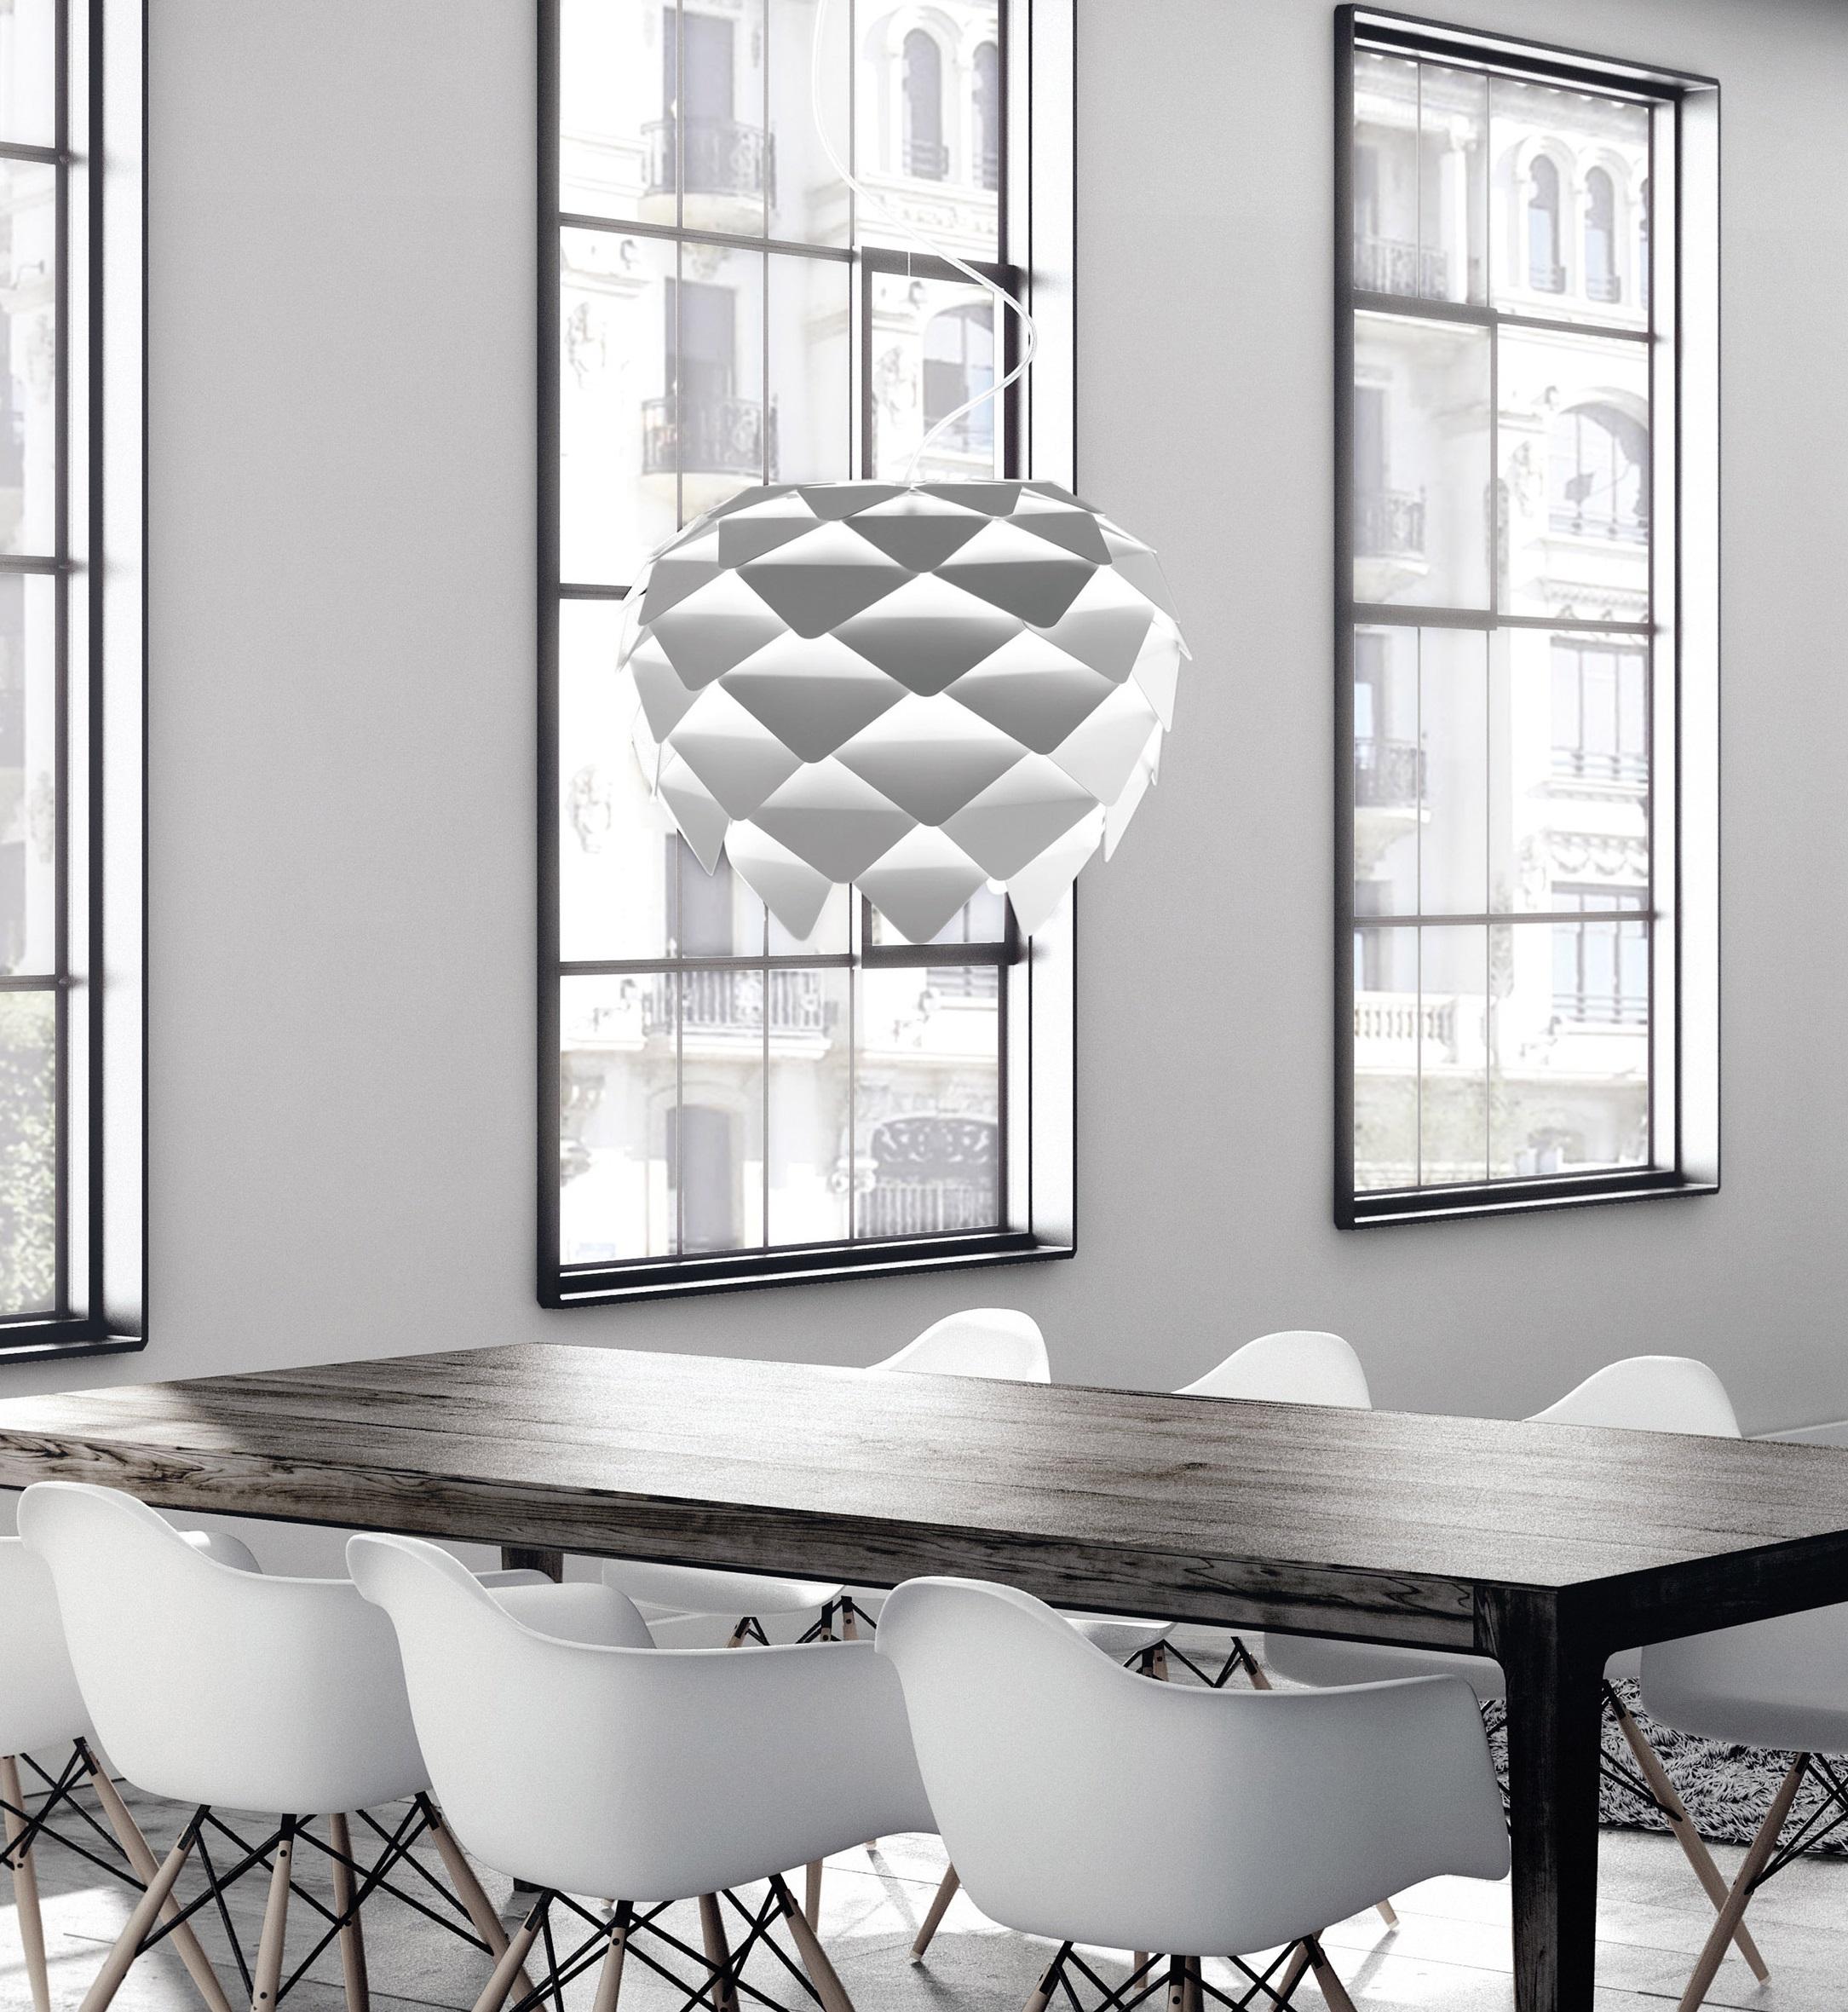 Pendant light, Phi, white, Ø60cm - B-LUX - Nedgis Lighting